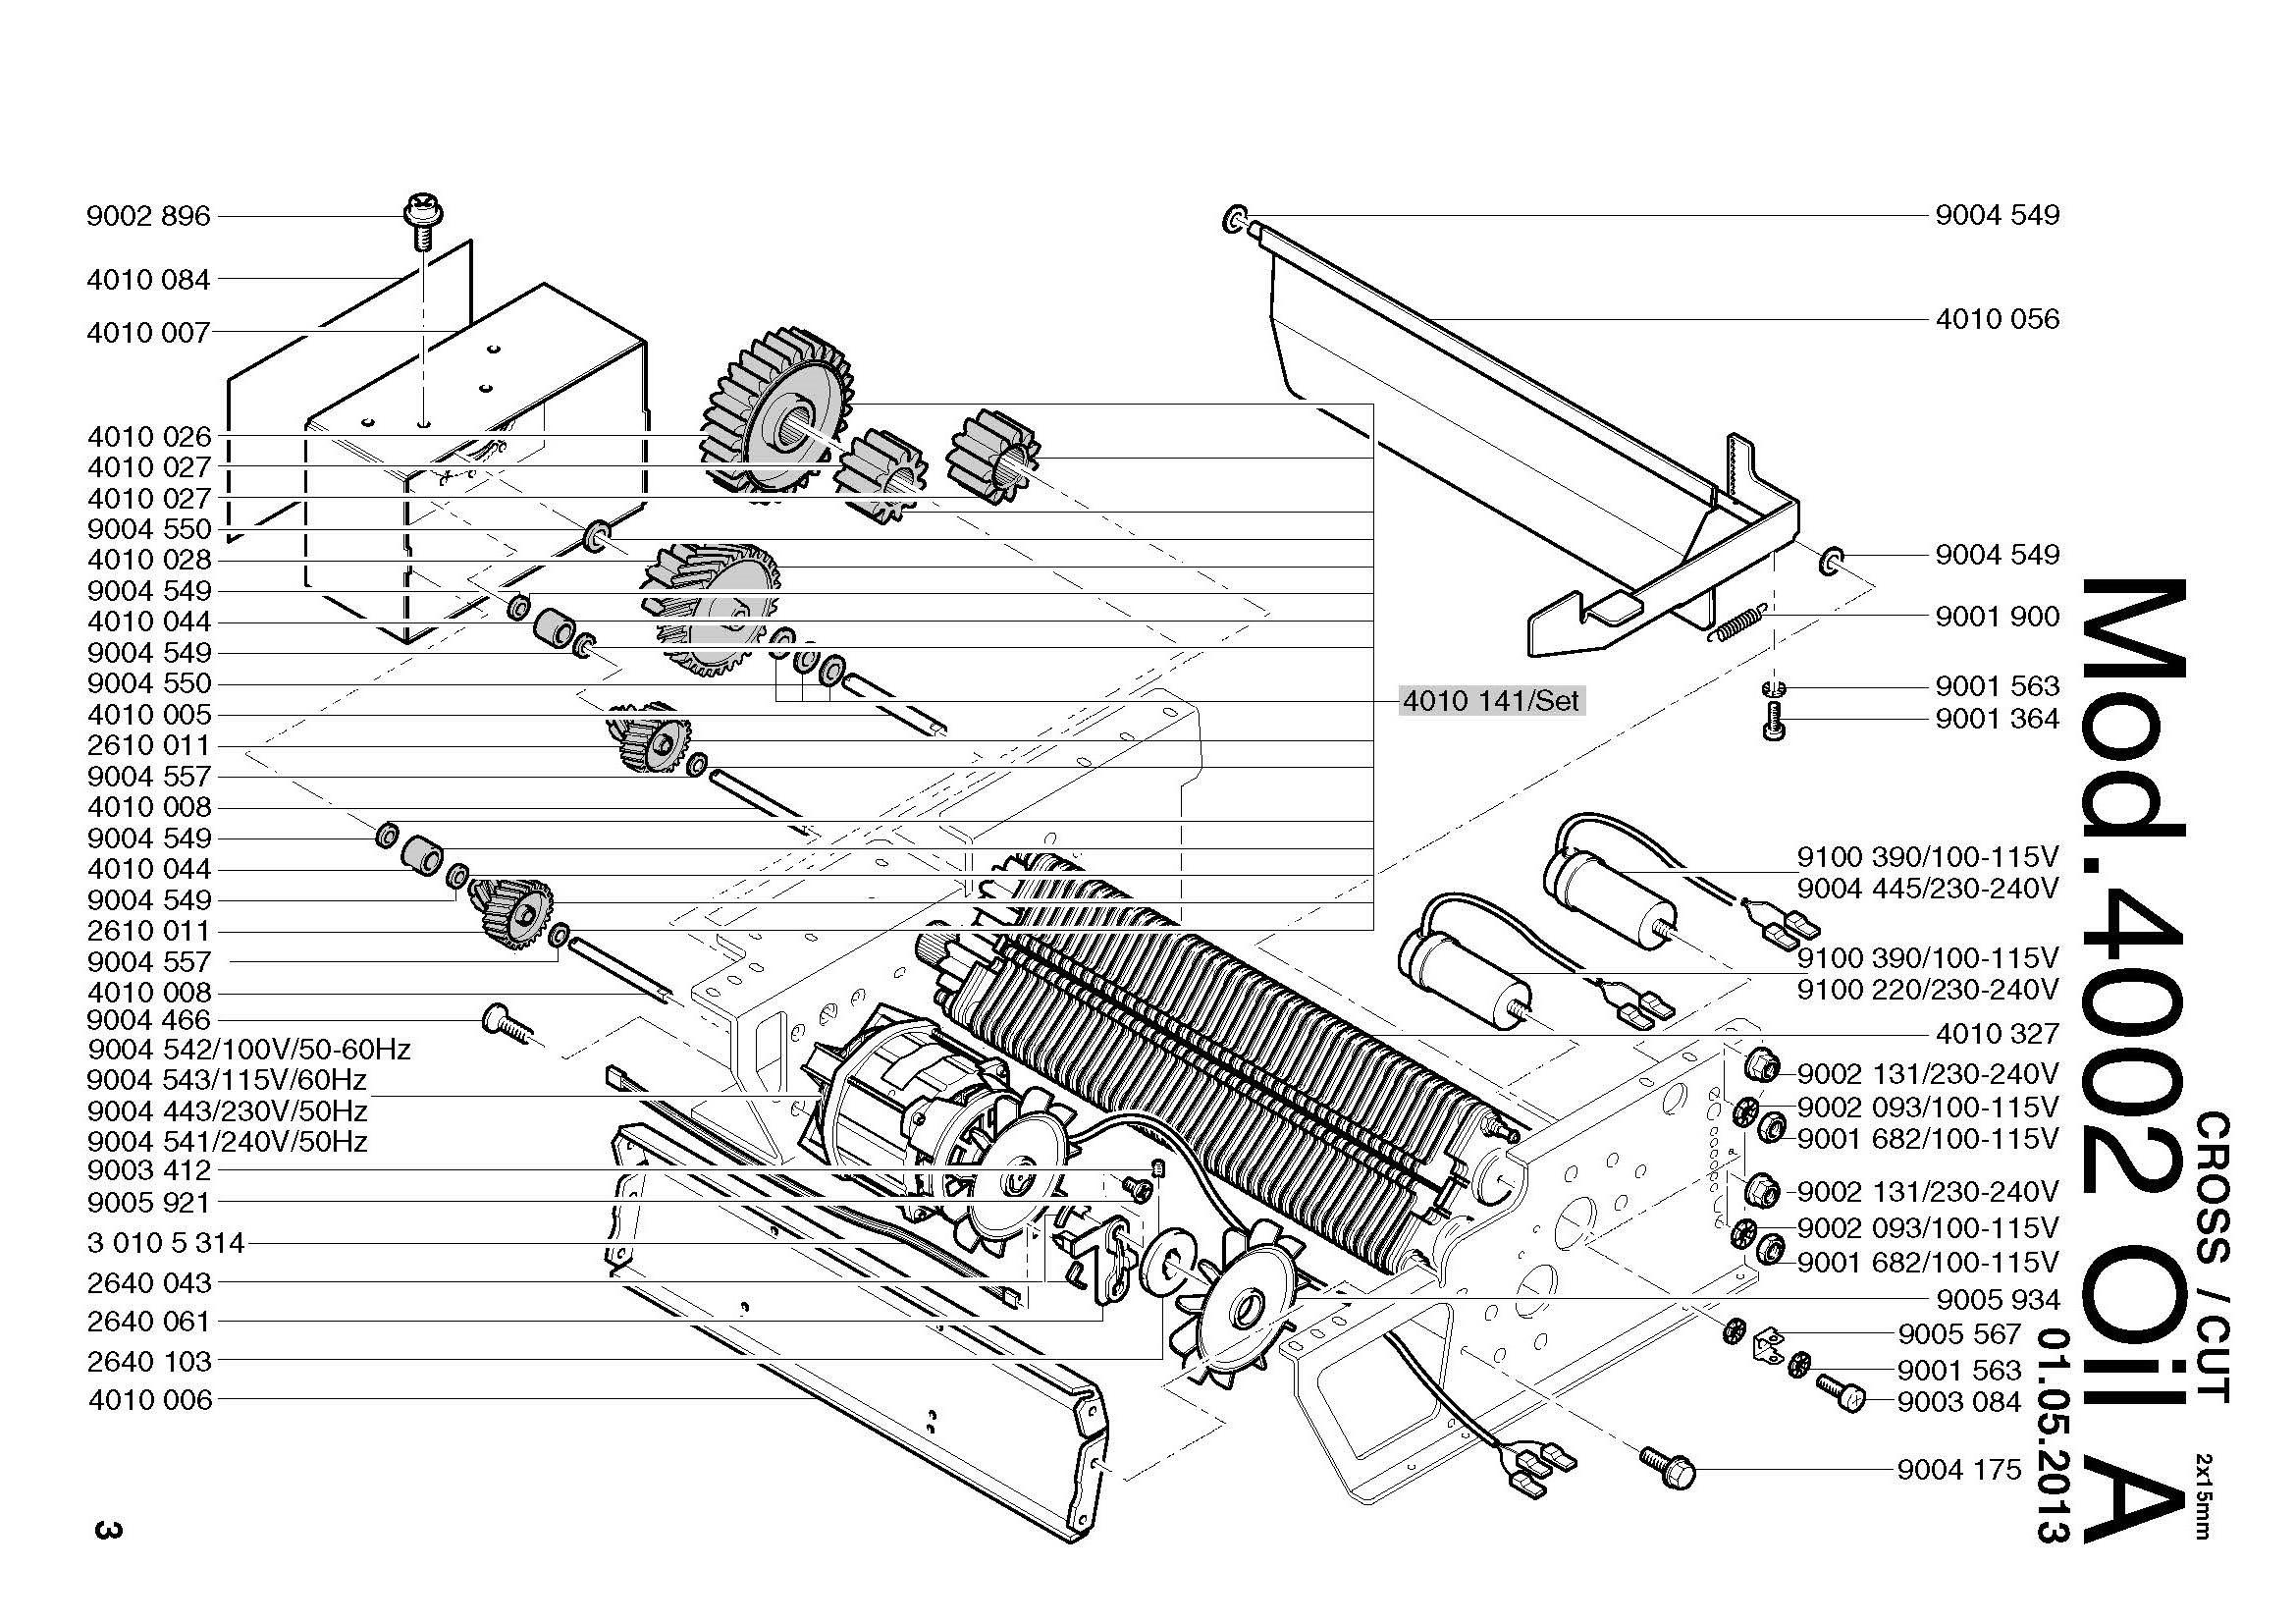 18650 Box Mod Wiring Diagram Vape Mod Wiring-Diagram